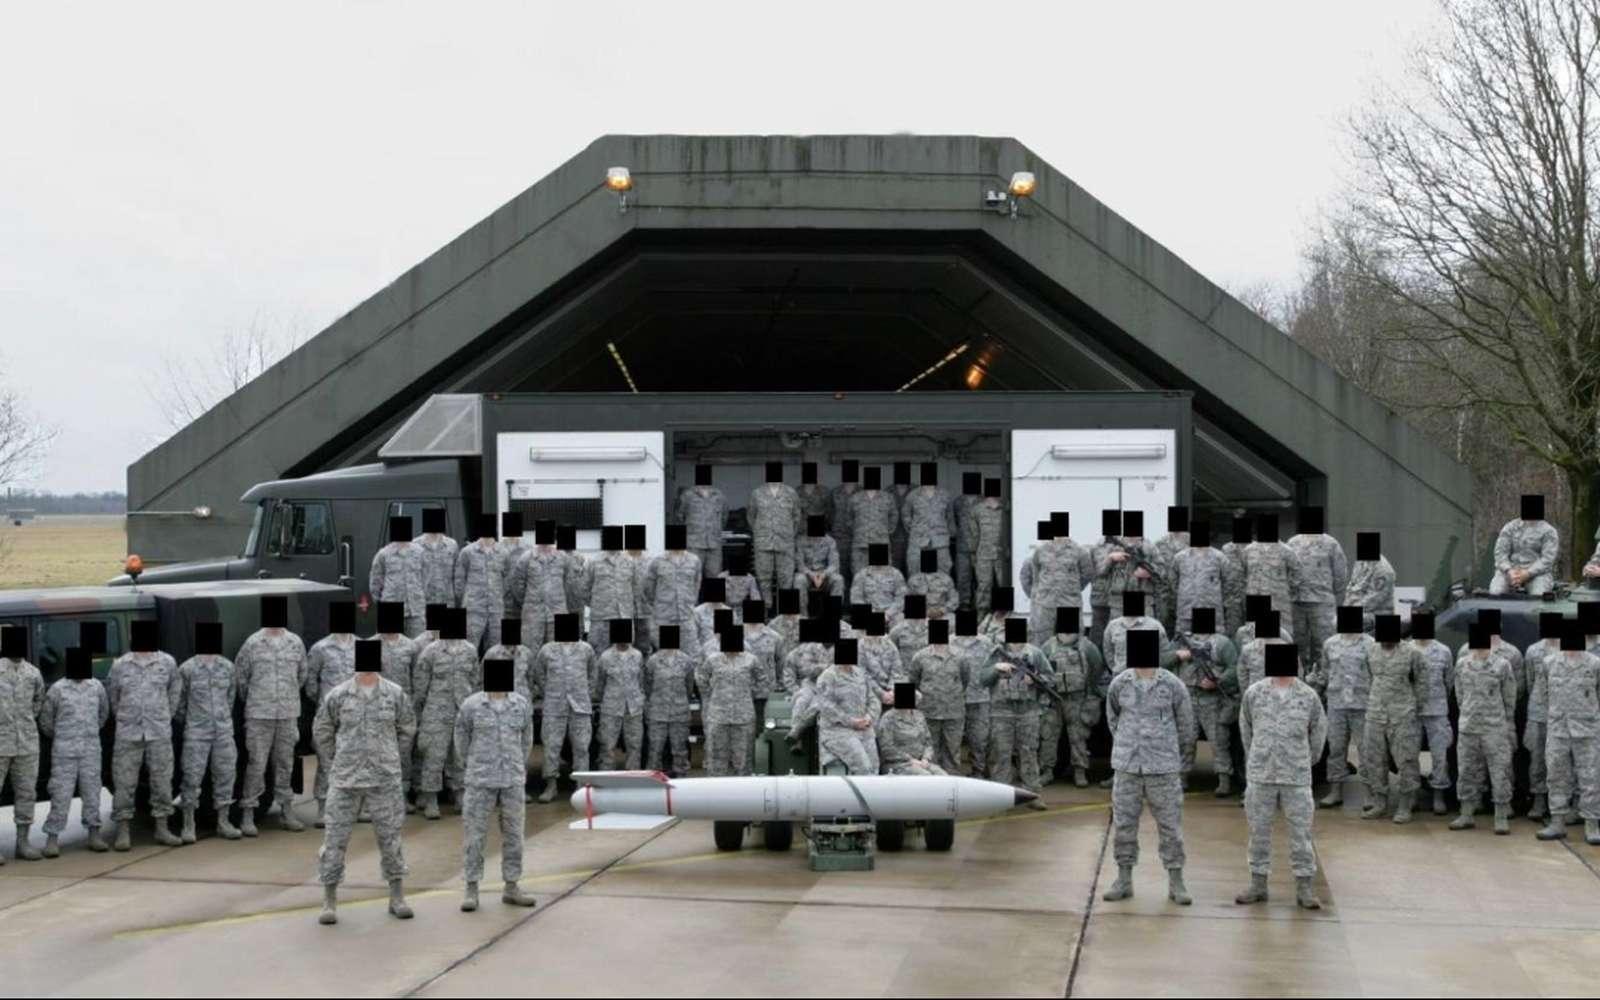 Des soldats américains stationnés sur la base aérienne de Volkel aux Pays-Bas posent devant ce qui pourrait être un missile nucléaire. © Bellingcat